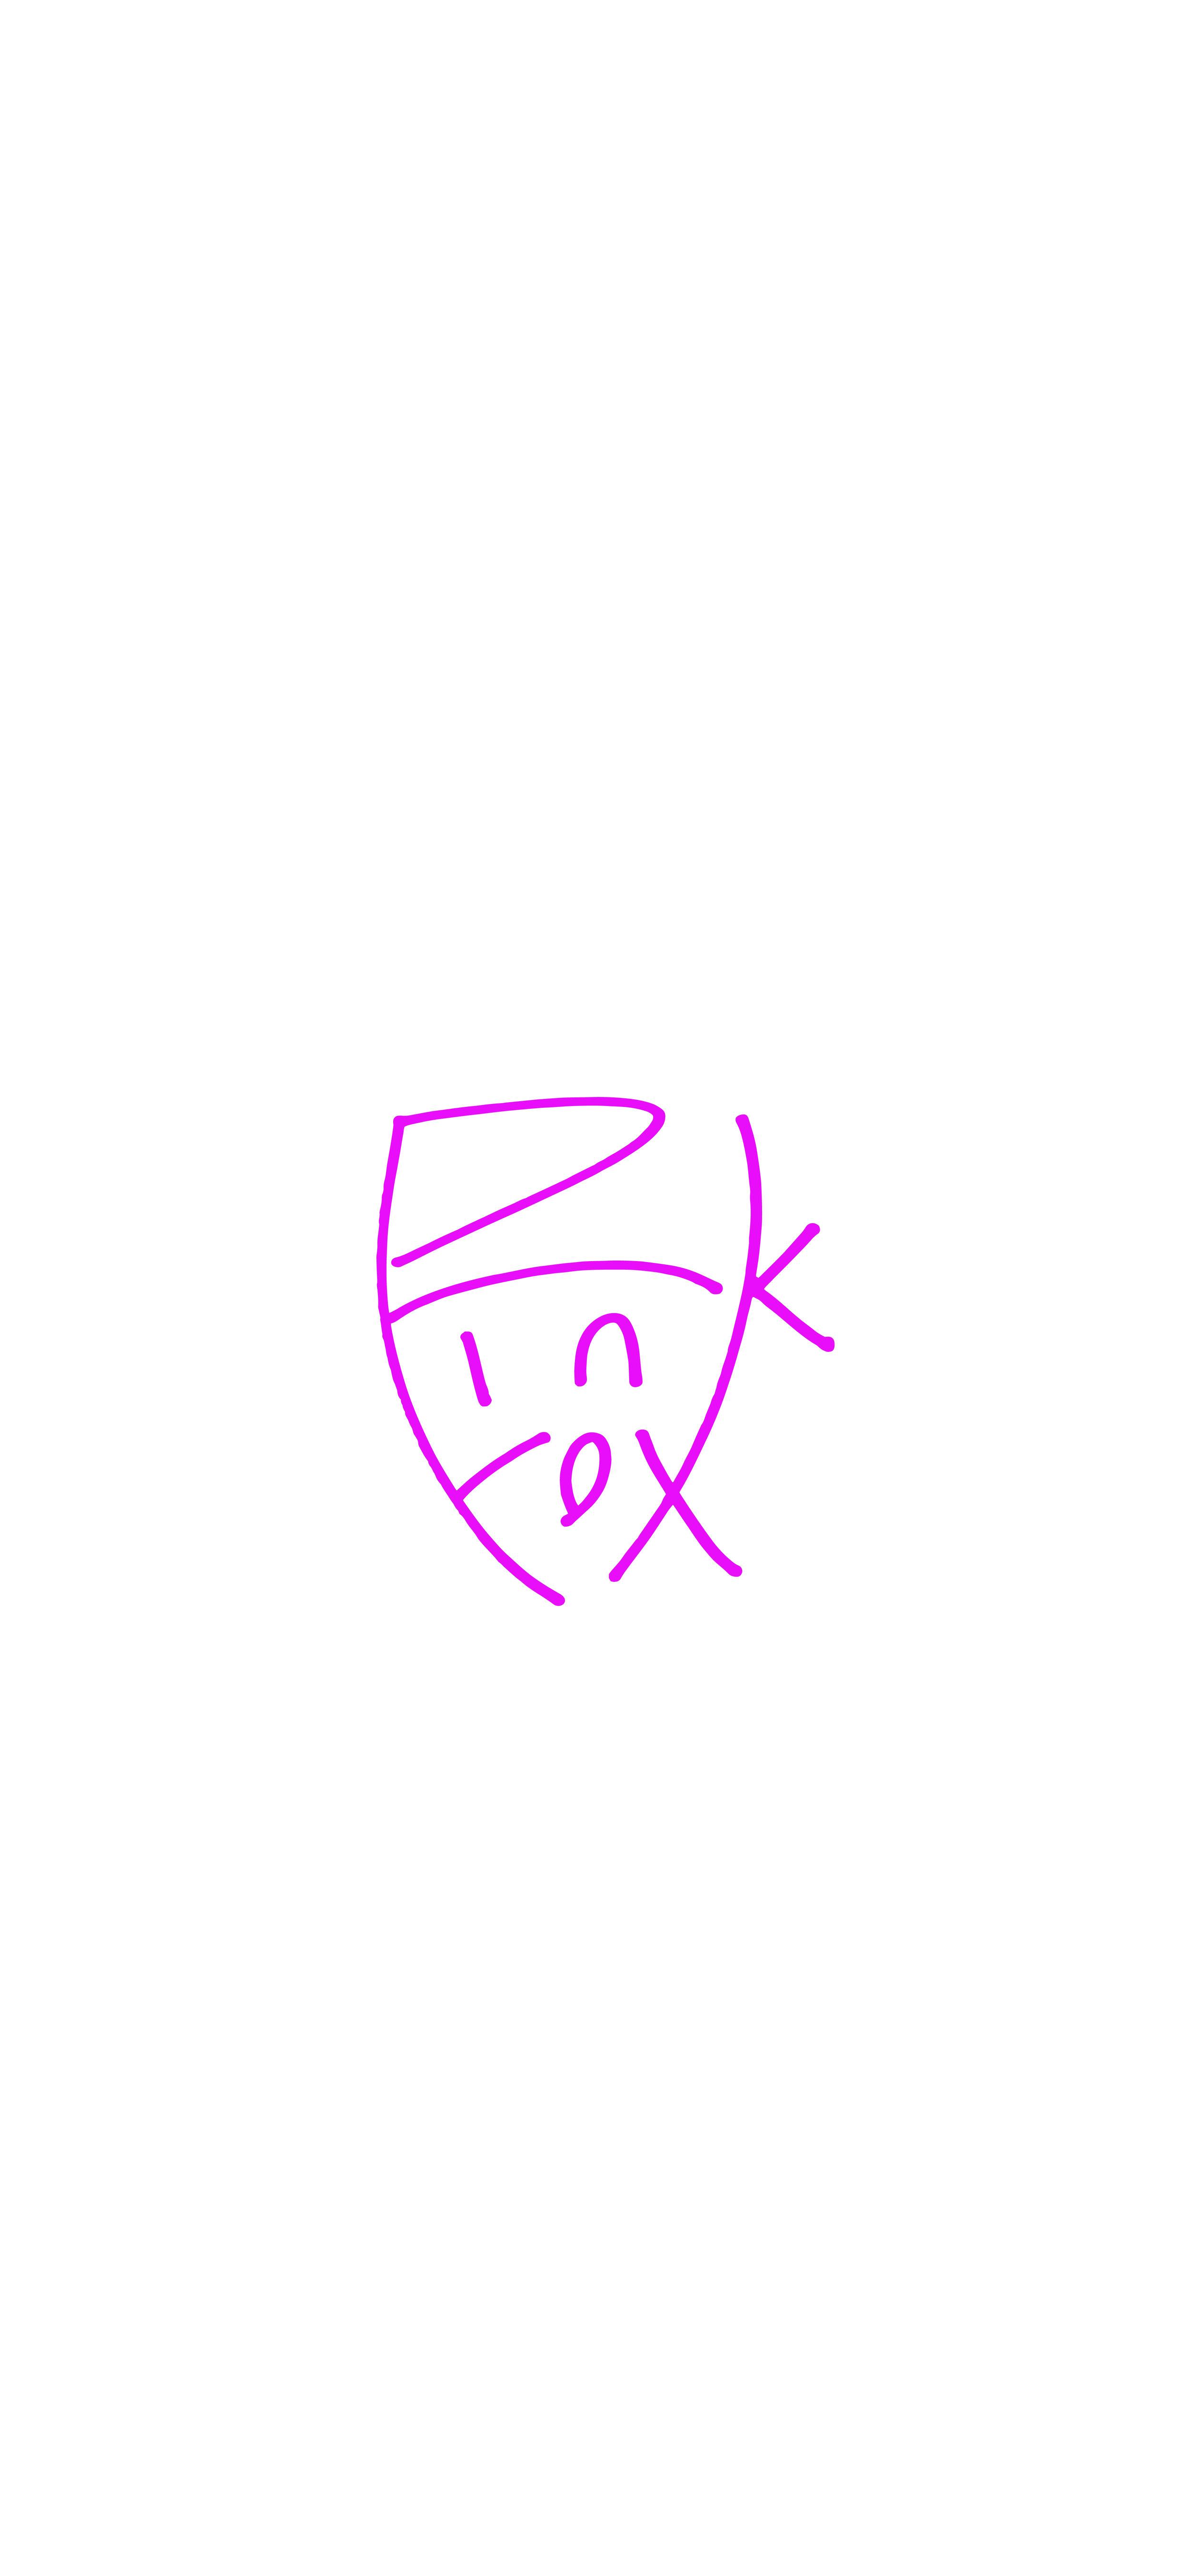 iPhone X BG - Basic White Pink.jpg